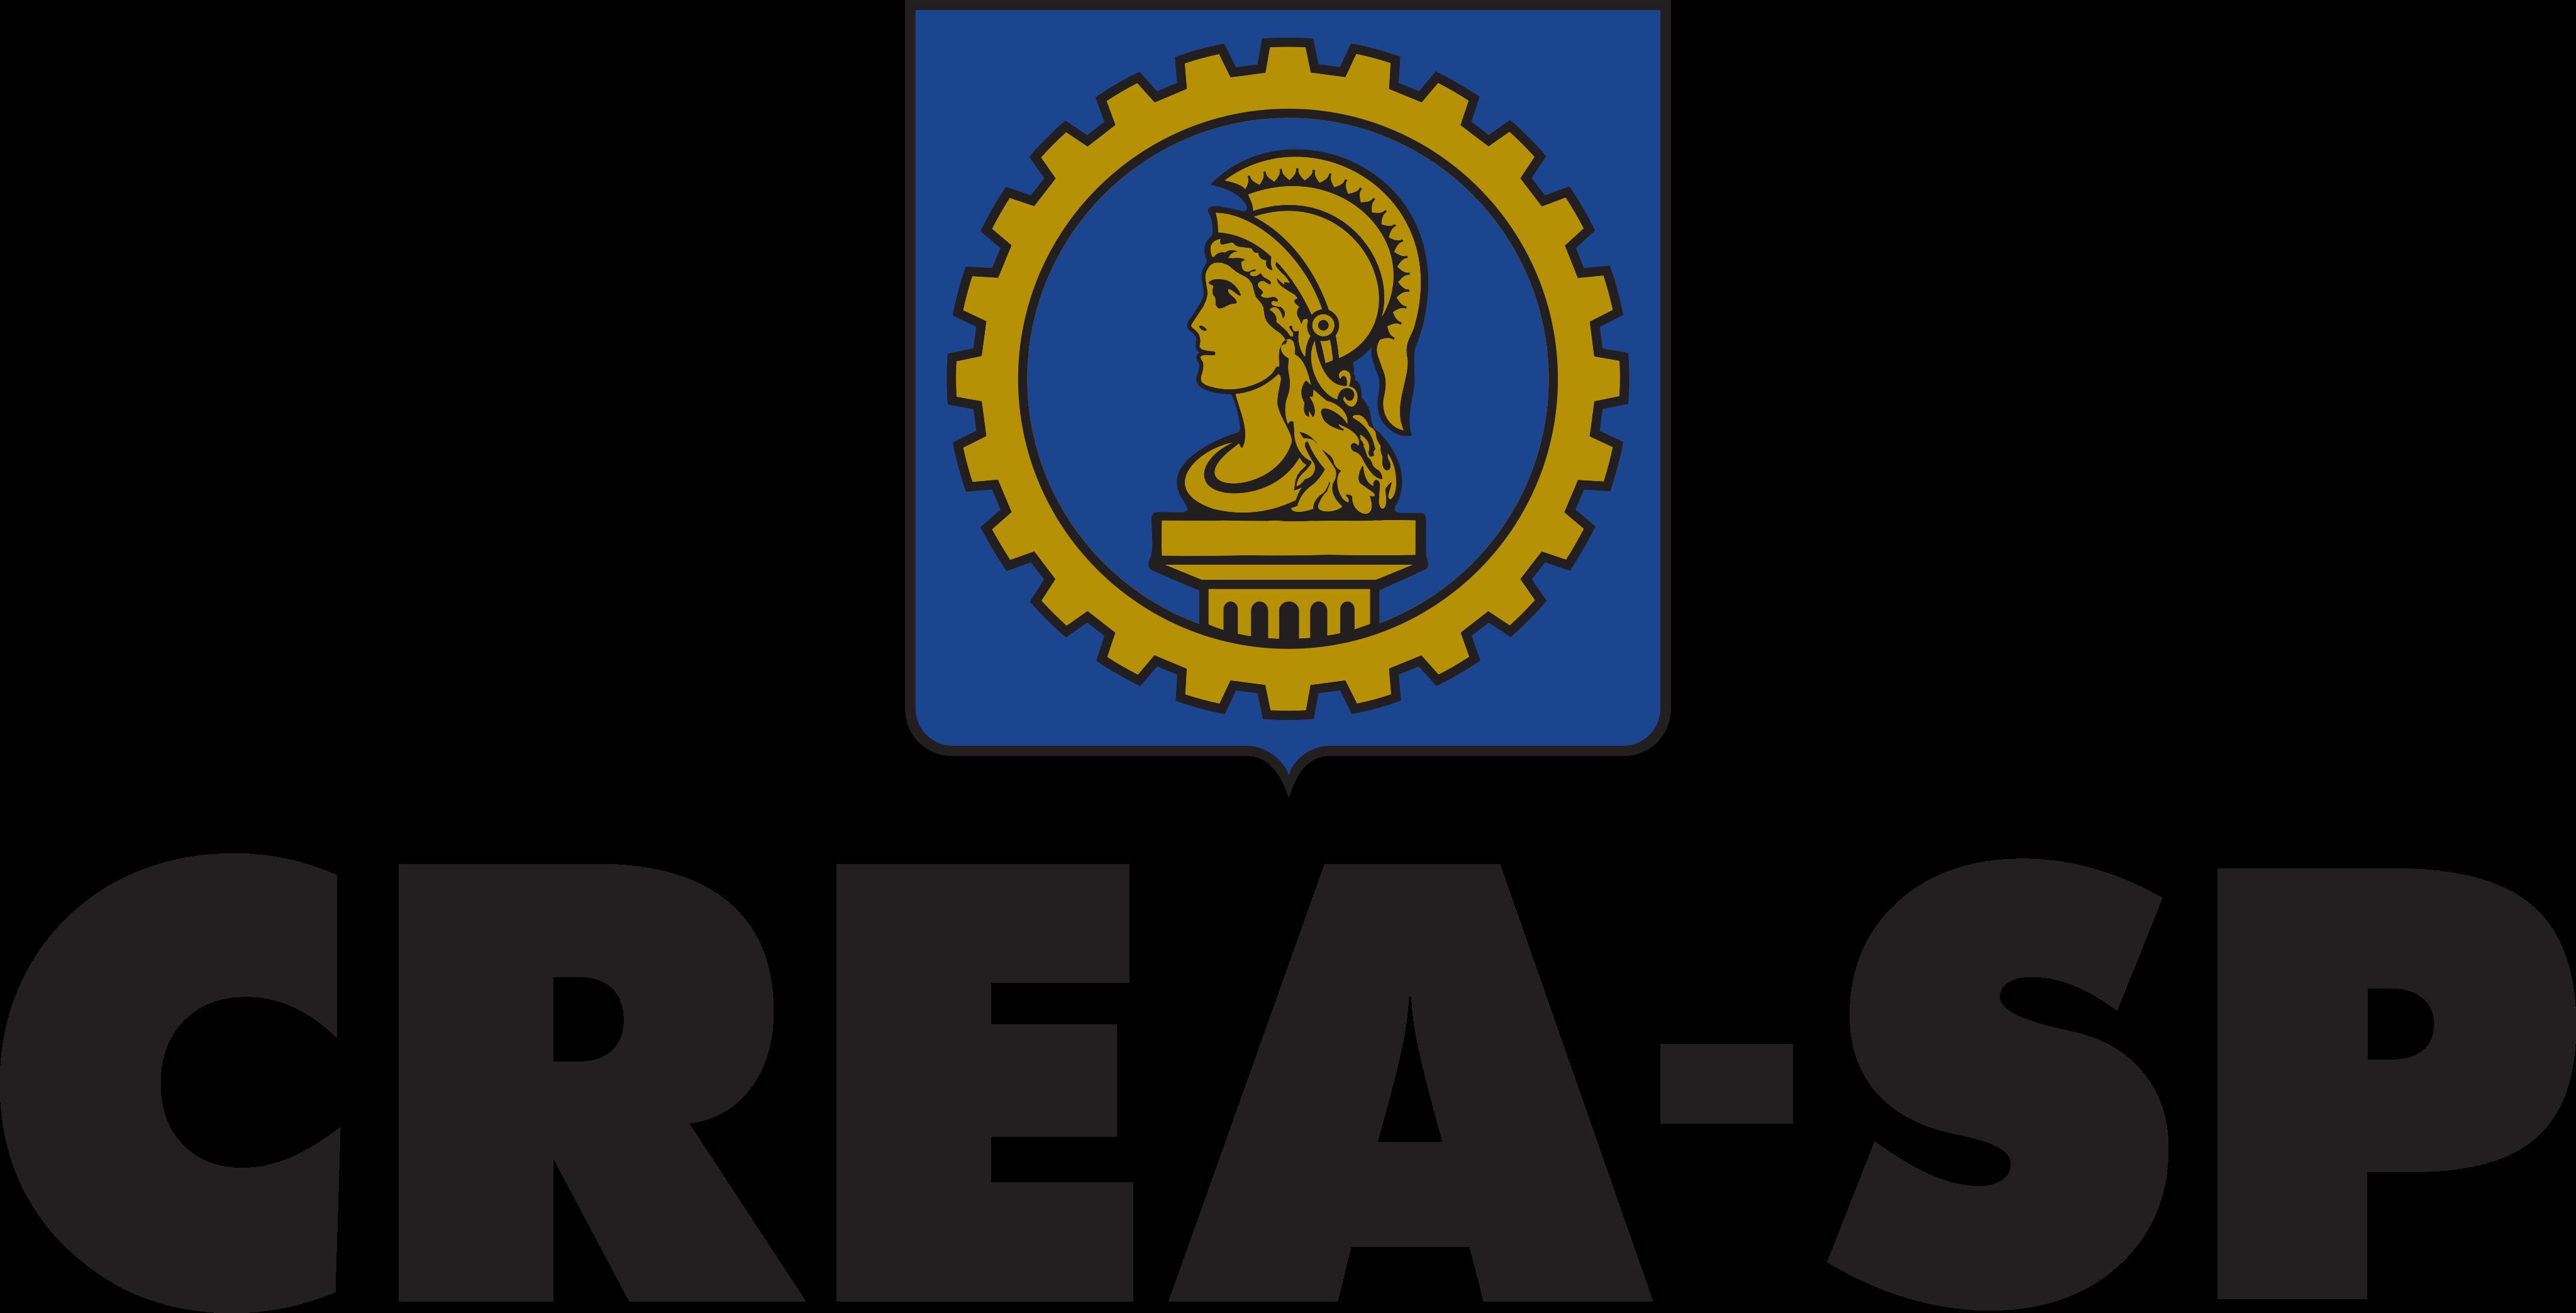 crea-sp-logo